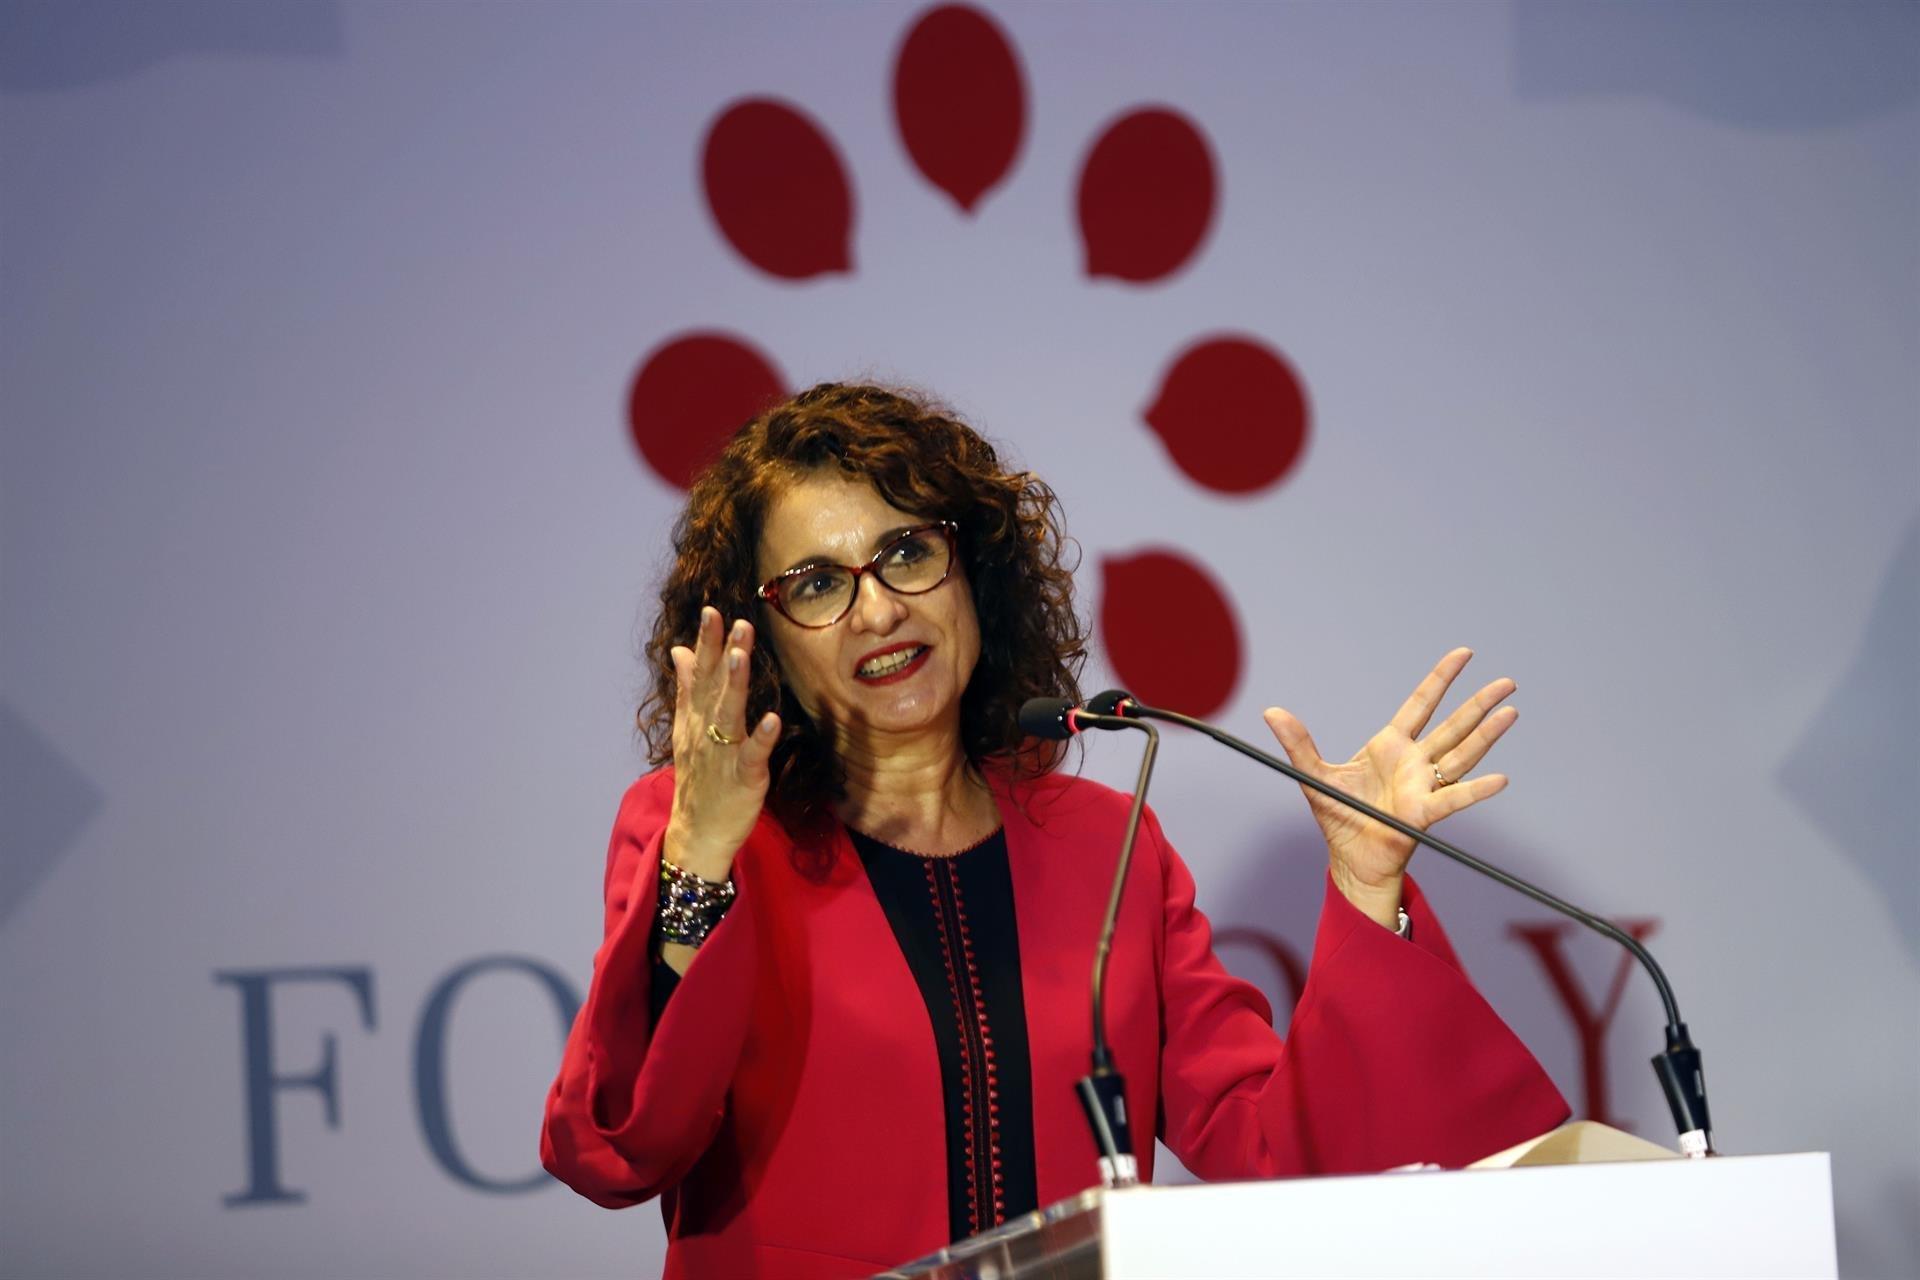 La ministra de Hacienda, María Jesús Montero, ha prometido que, si gana el PSOE, la subida de las pensiones será mayor al actual 0,25%